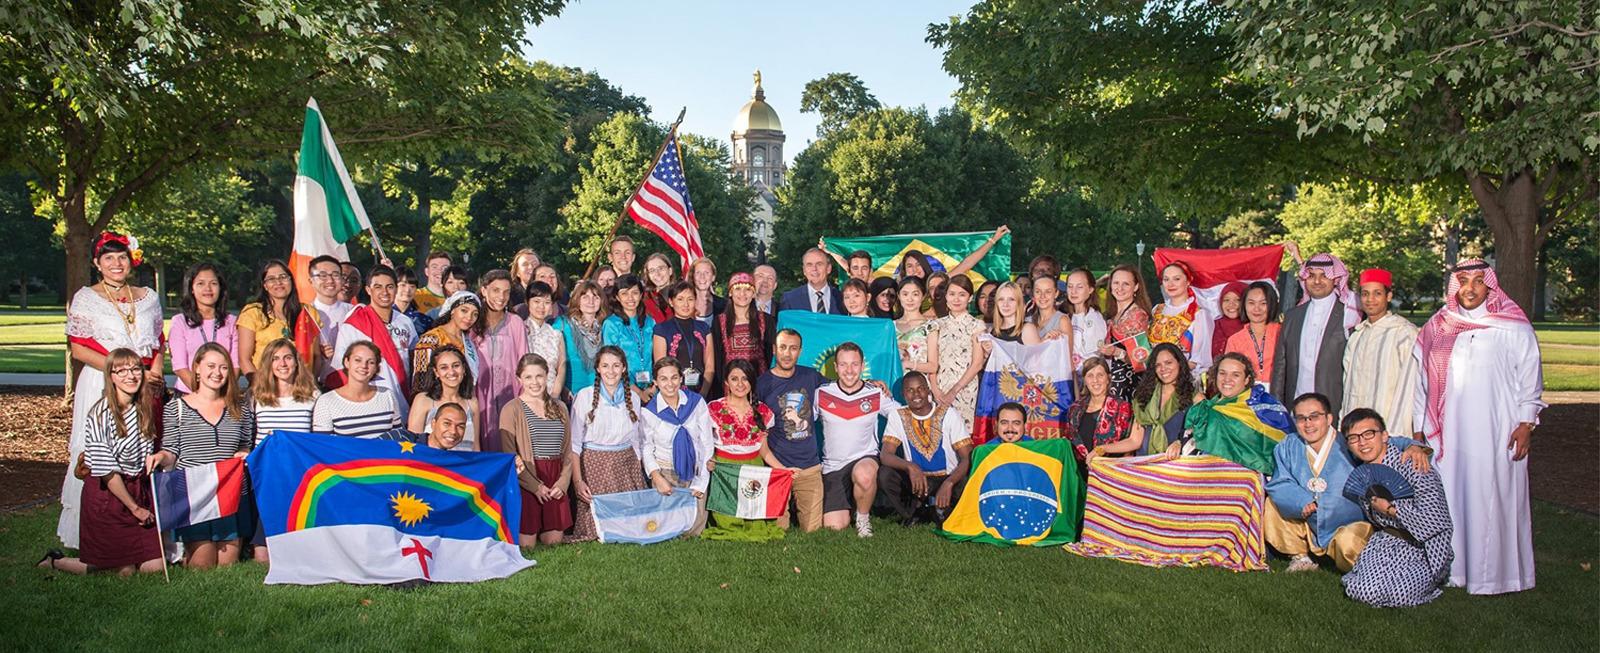 日米両国政府による留学制度『2018年度 フルブライト語学アシスタント(FLTA)プログラム』奨学生募集開始。